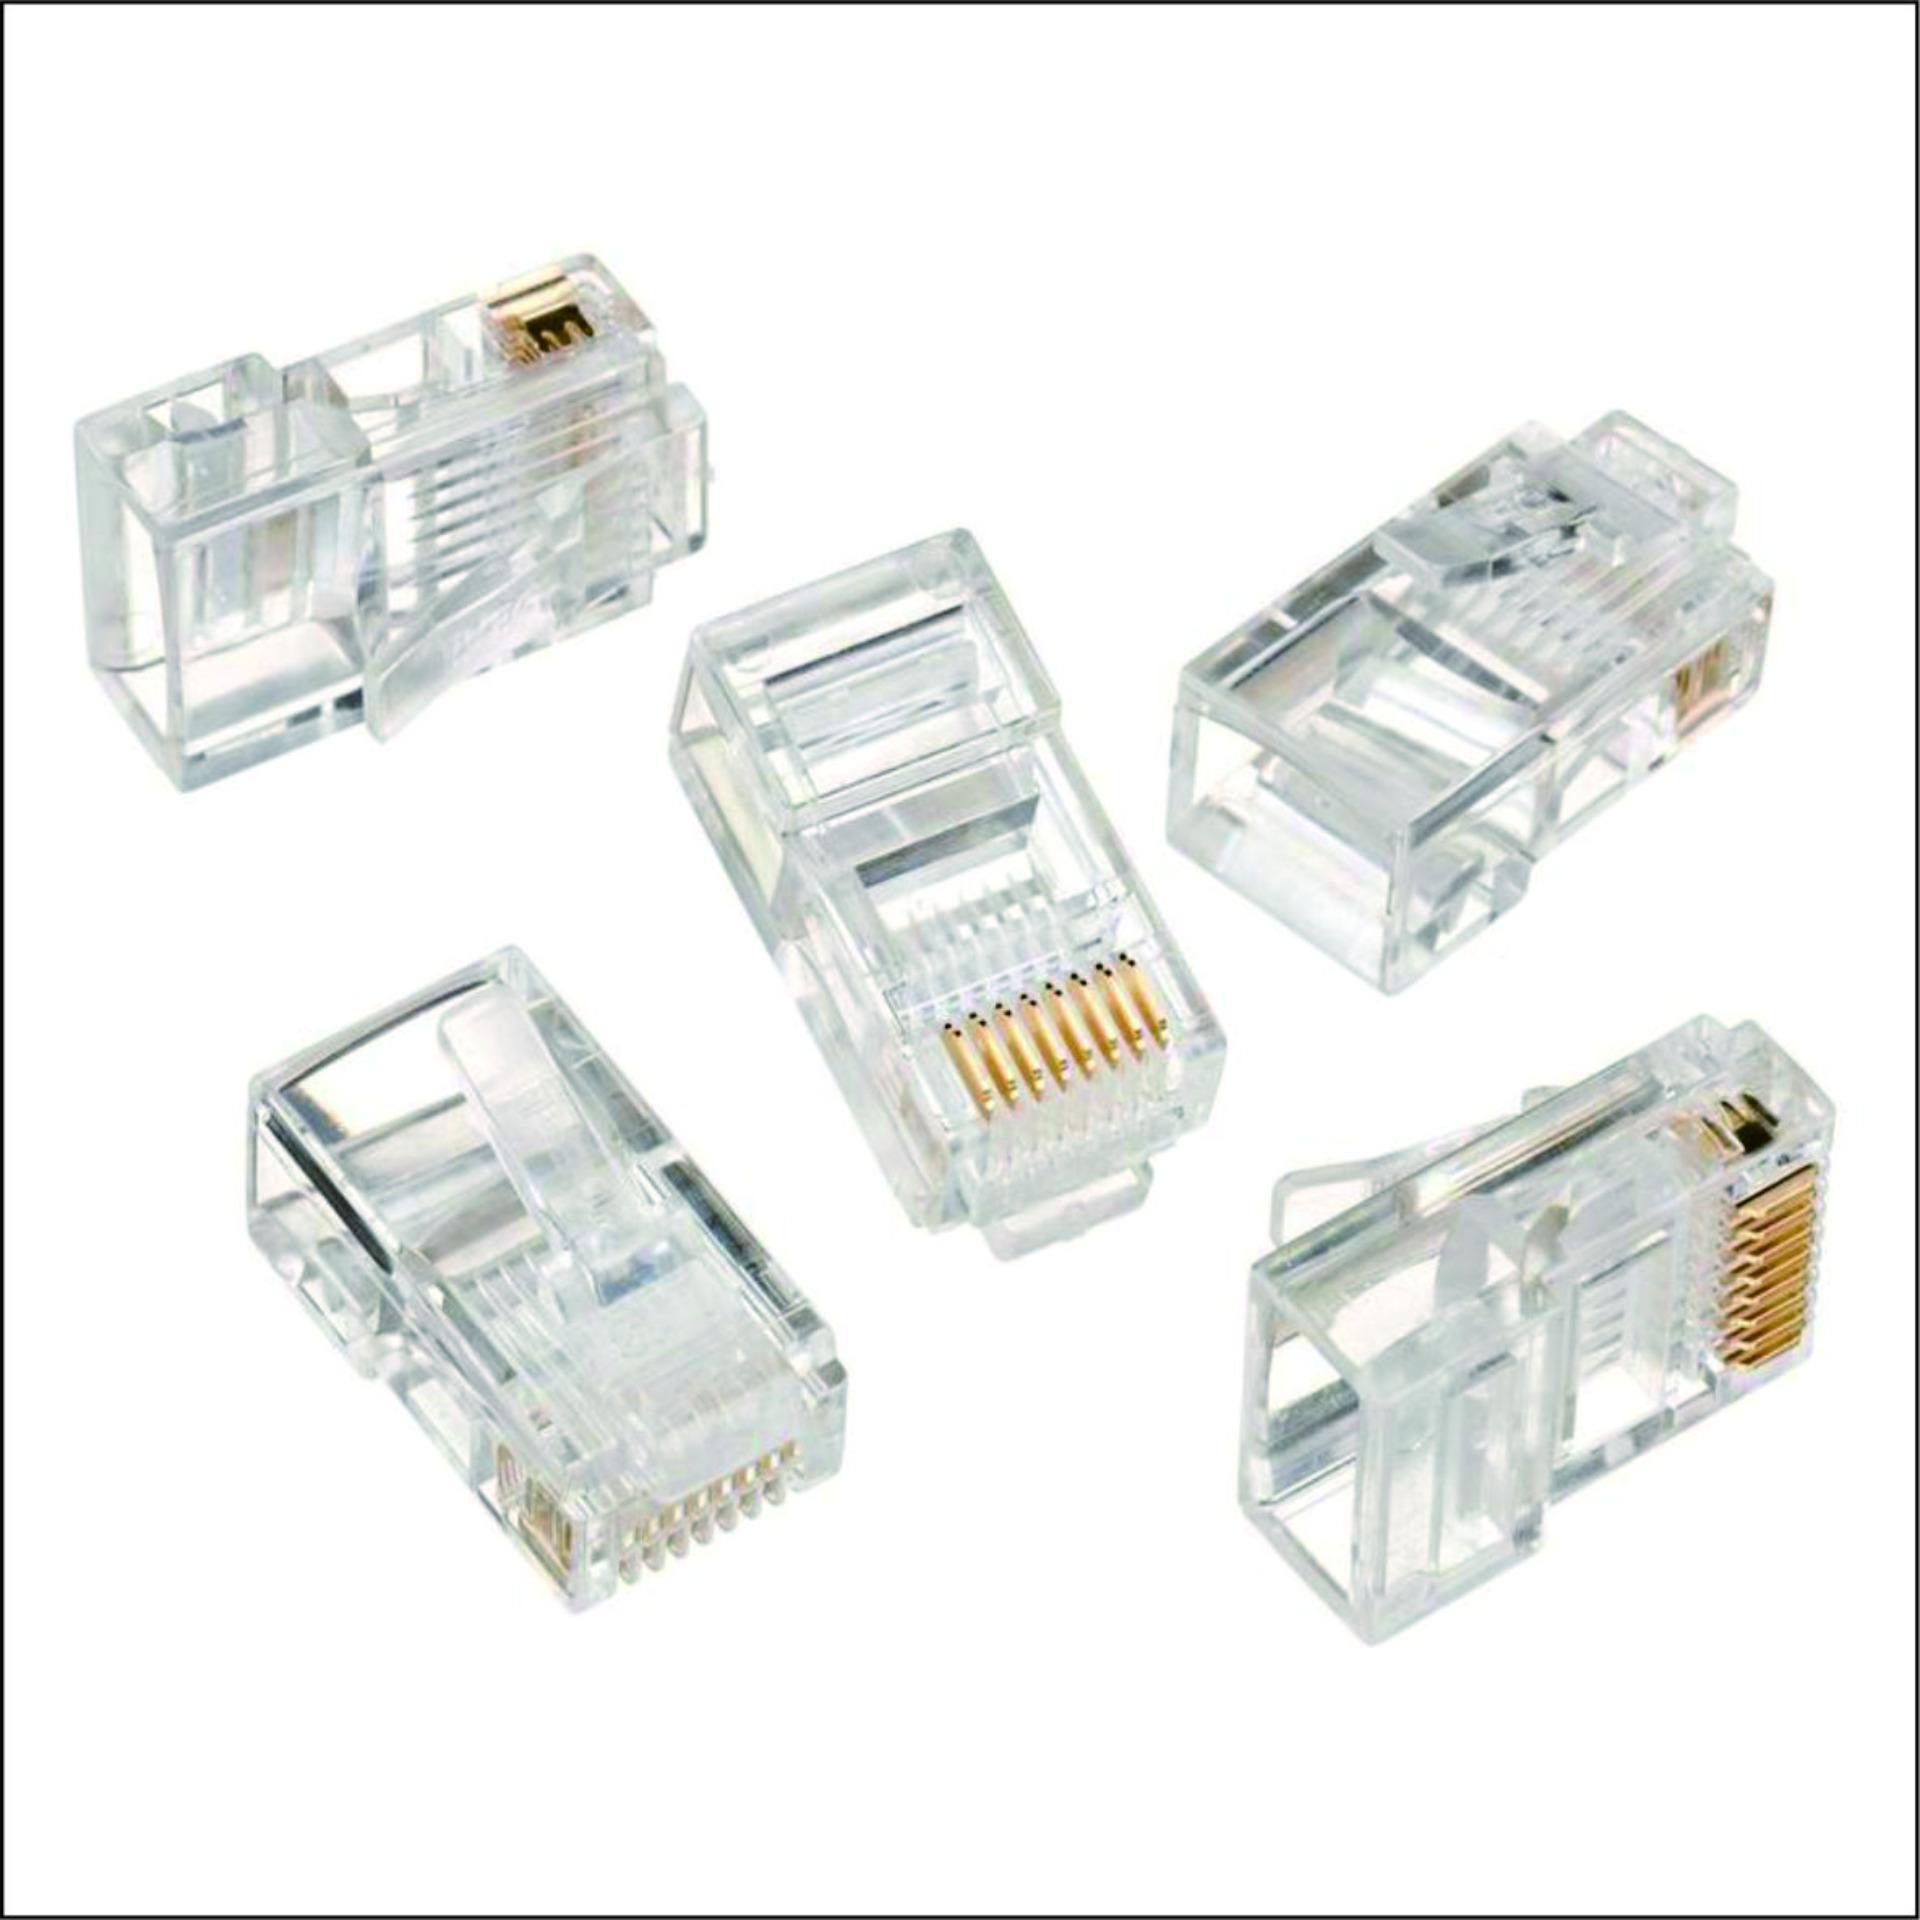 Jual Kabel Ethernet Terbaik Lan 50m Cat 5e Utp 50 Meter Pabrikan Weitech Konektor Rj45 Seri Pack